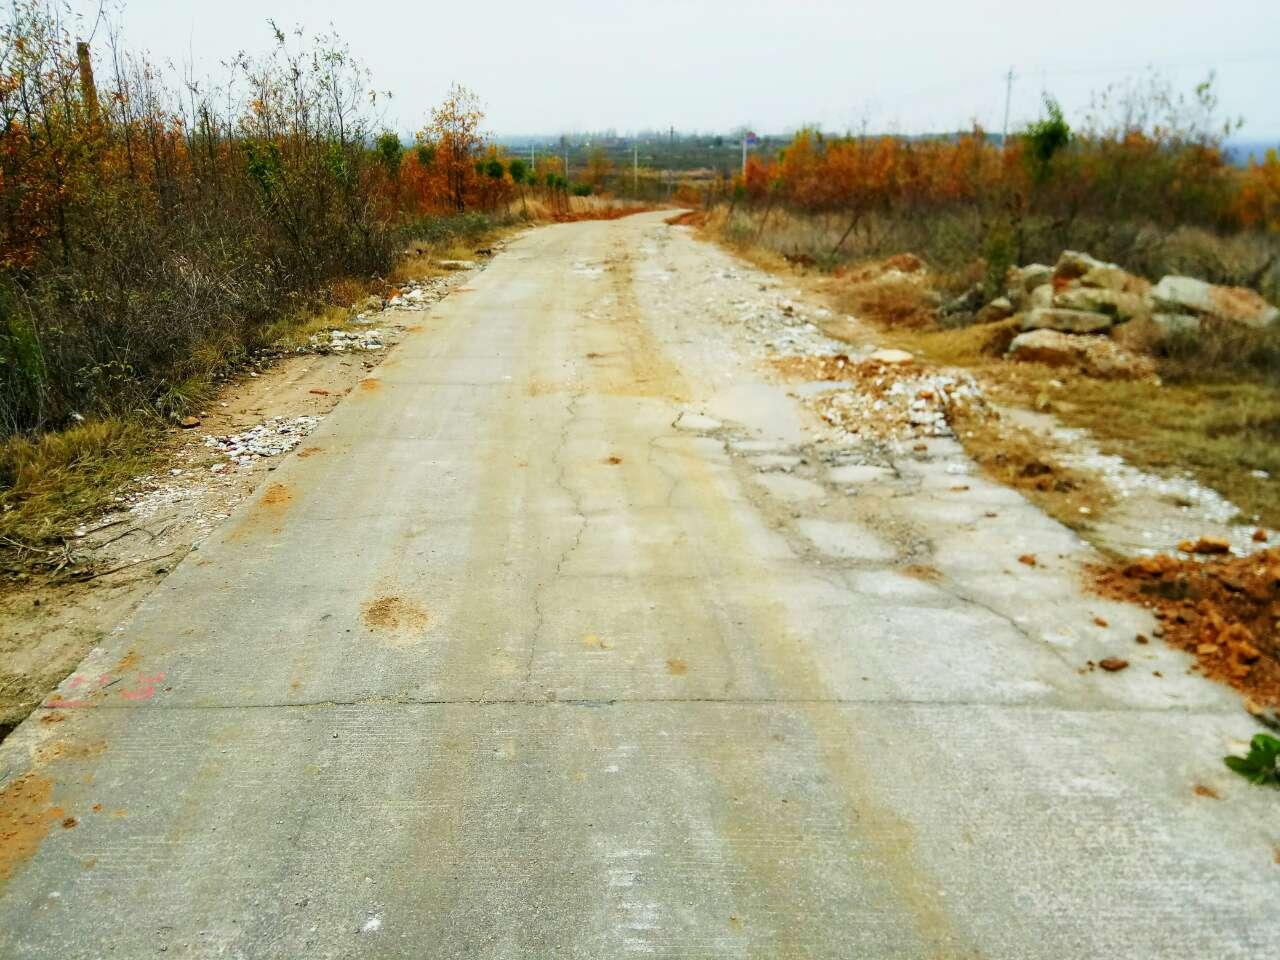 唐镇至华宝山风景区公路全线扩宽与部分翻修正在进行时